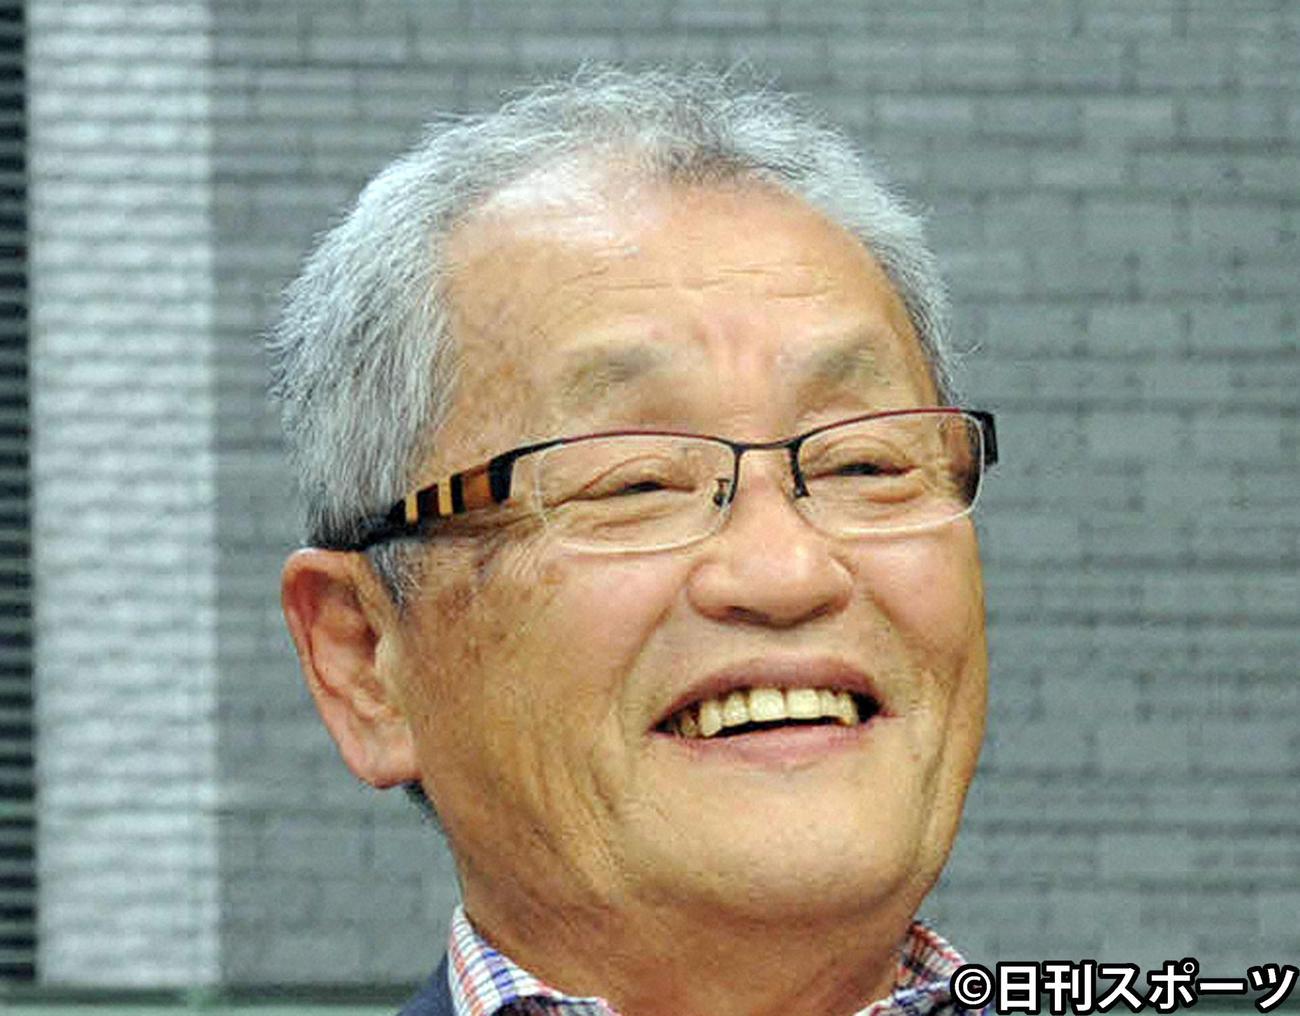 小林正彦さん(2011年5月11日撮影)